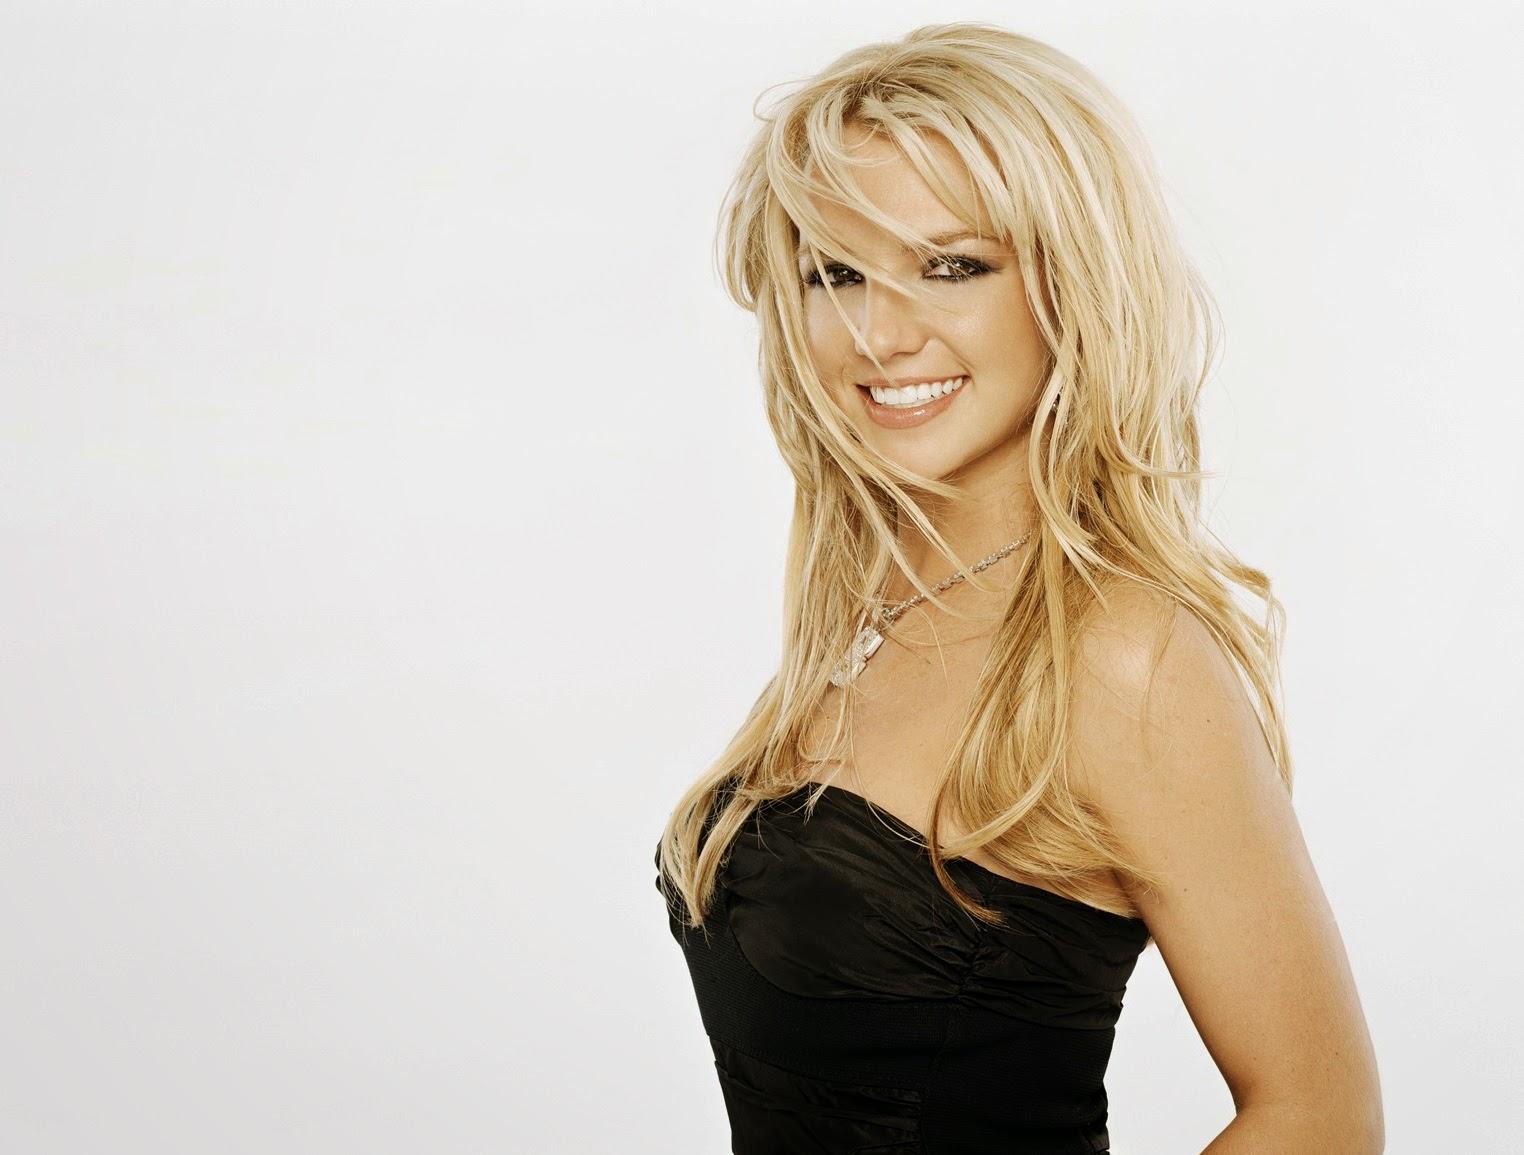 Britney Spears Fresh HD Wallpaper 2014 | Beautiful World ...